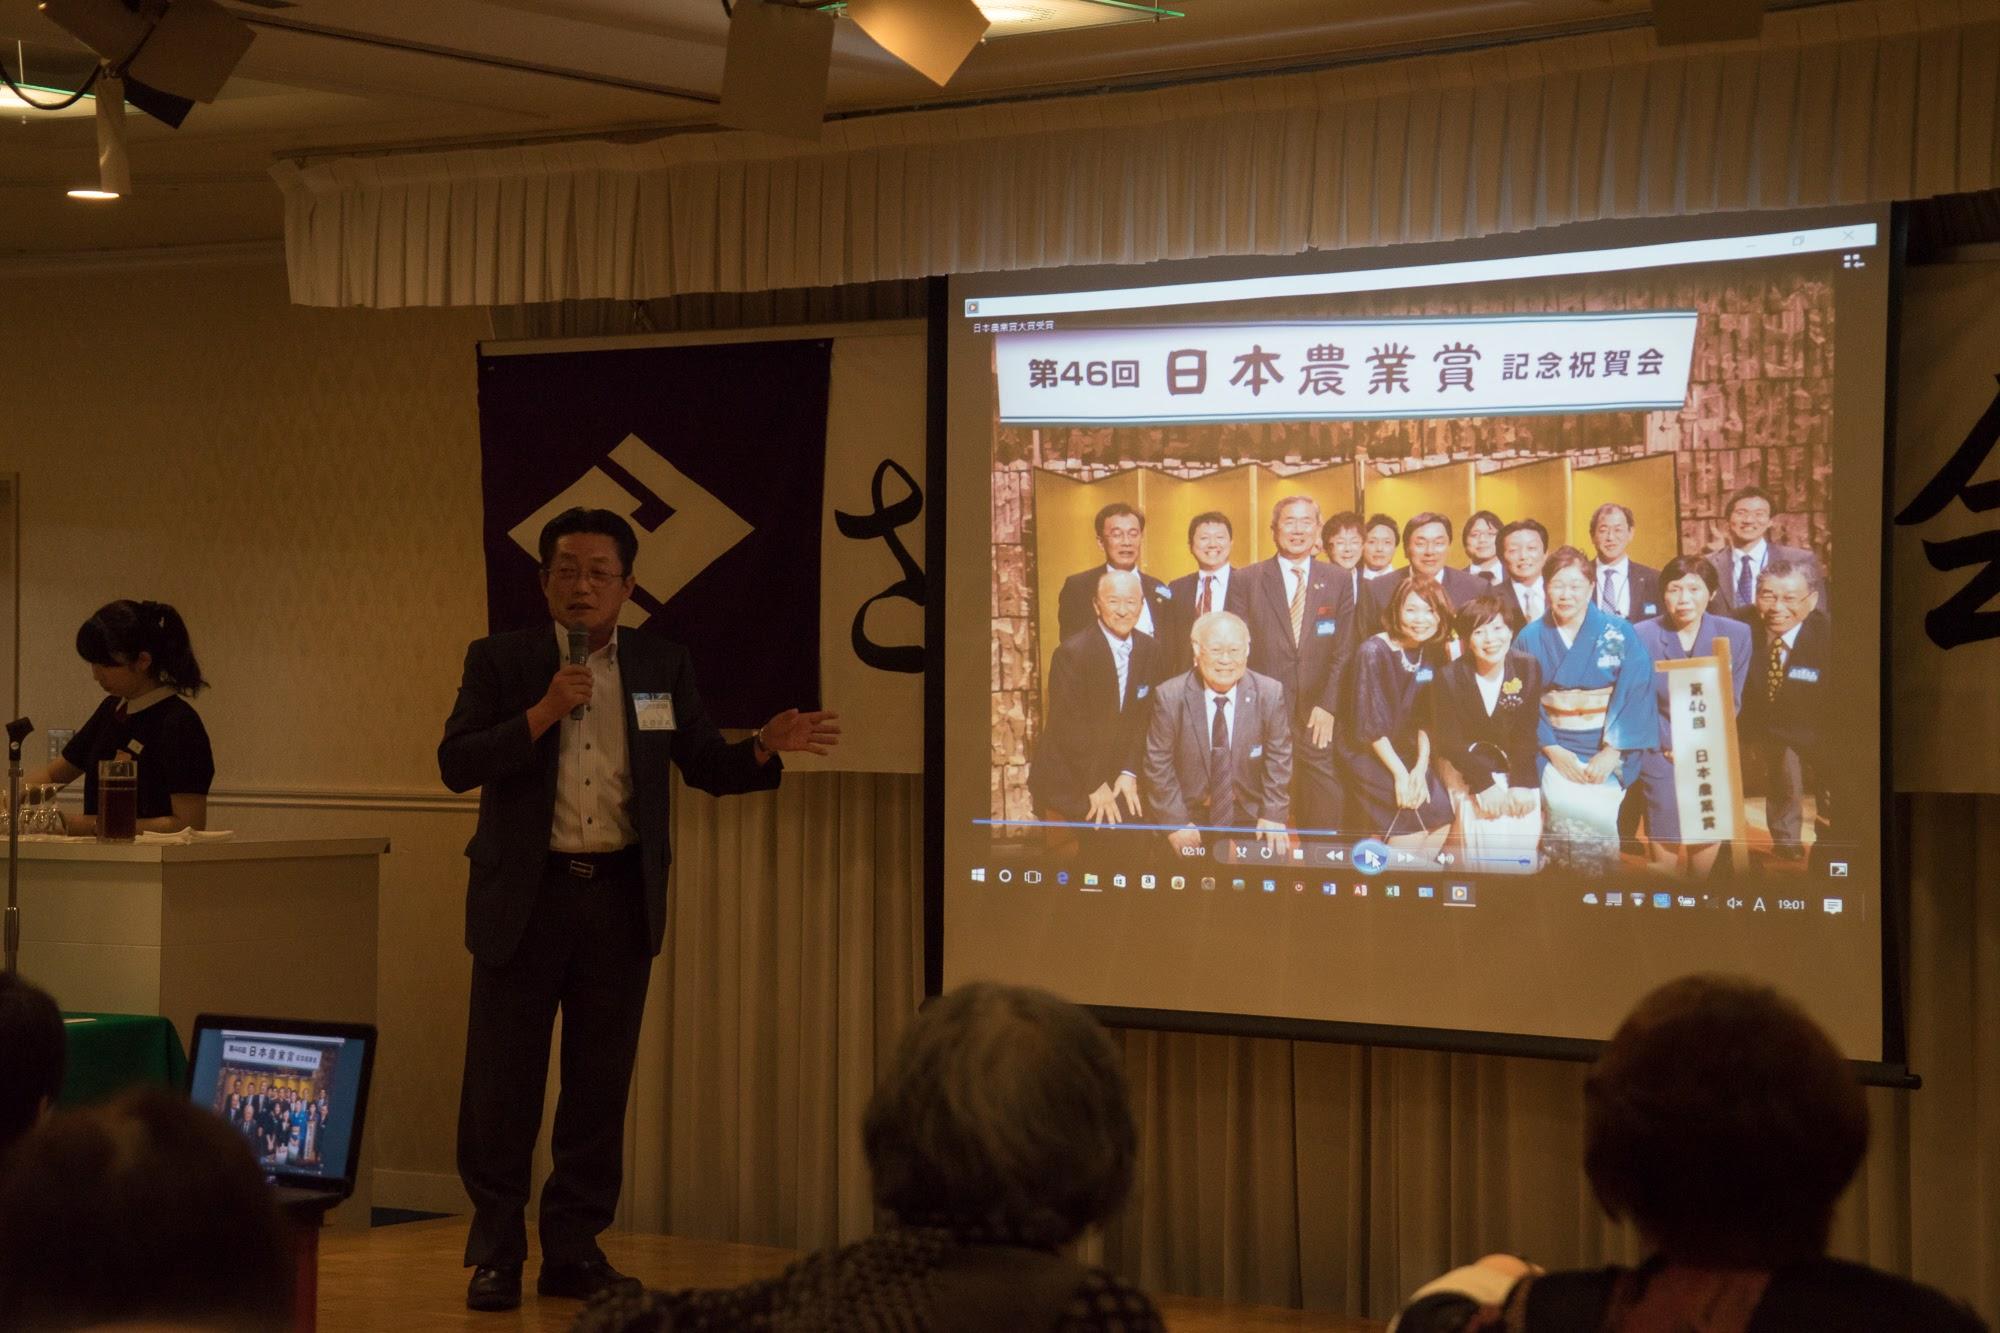 日本農業賞 授賞式の模様